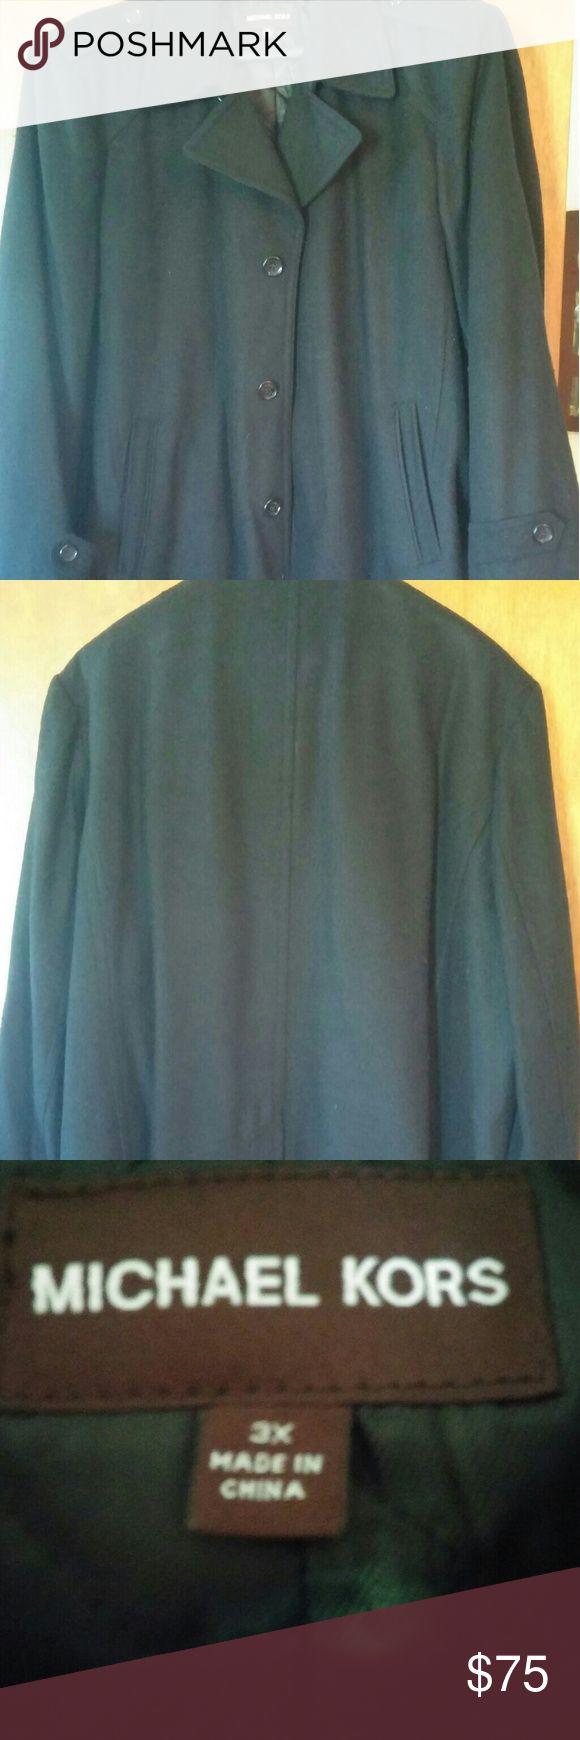 Mens pea coat size 3x